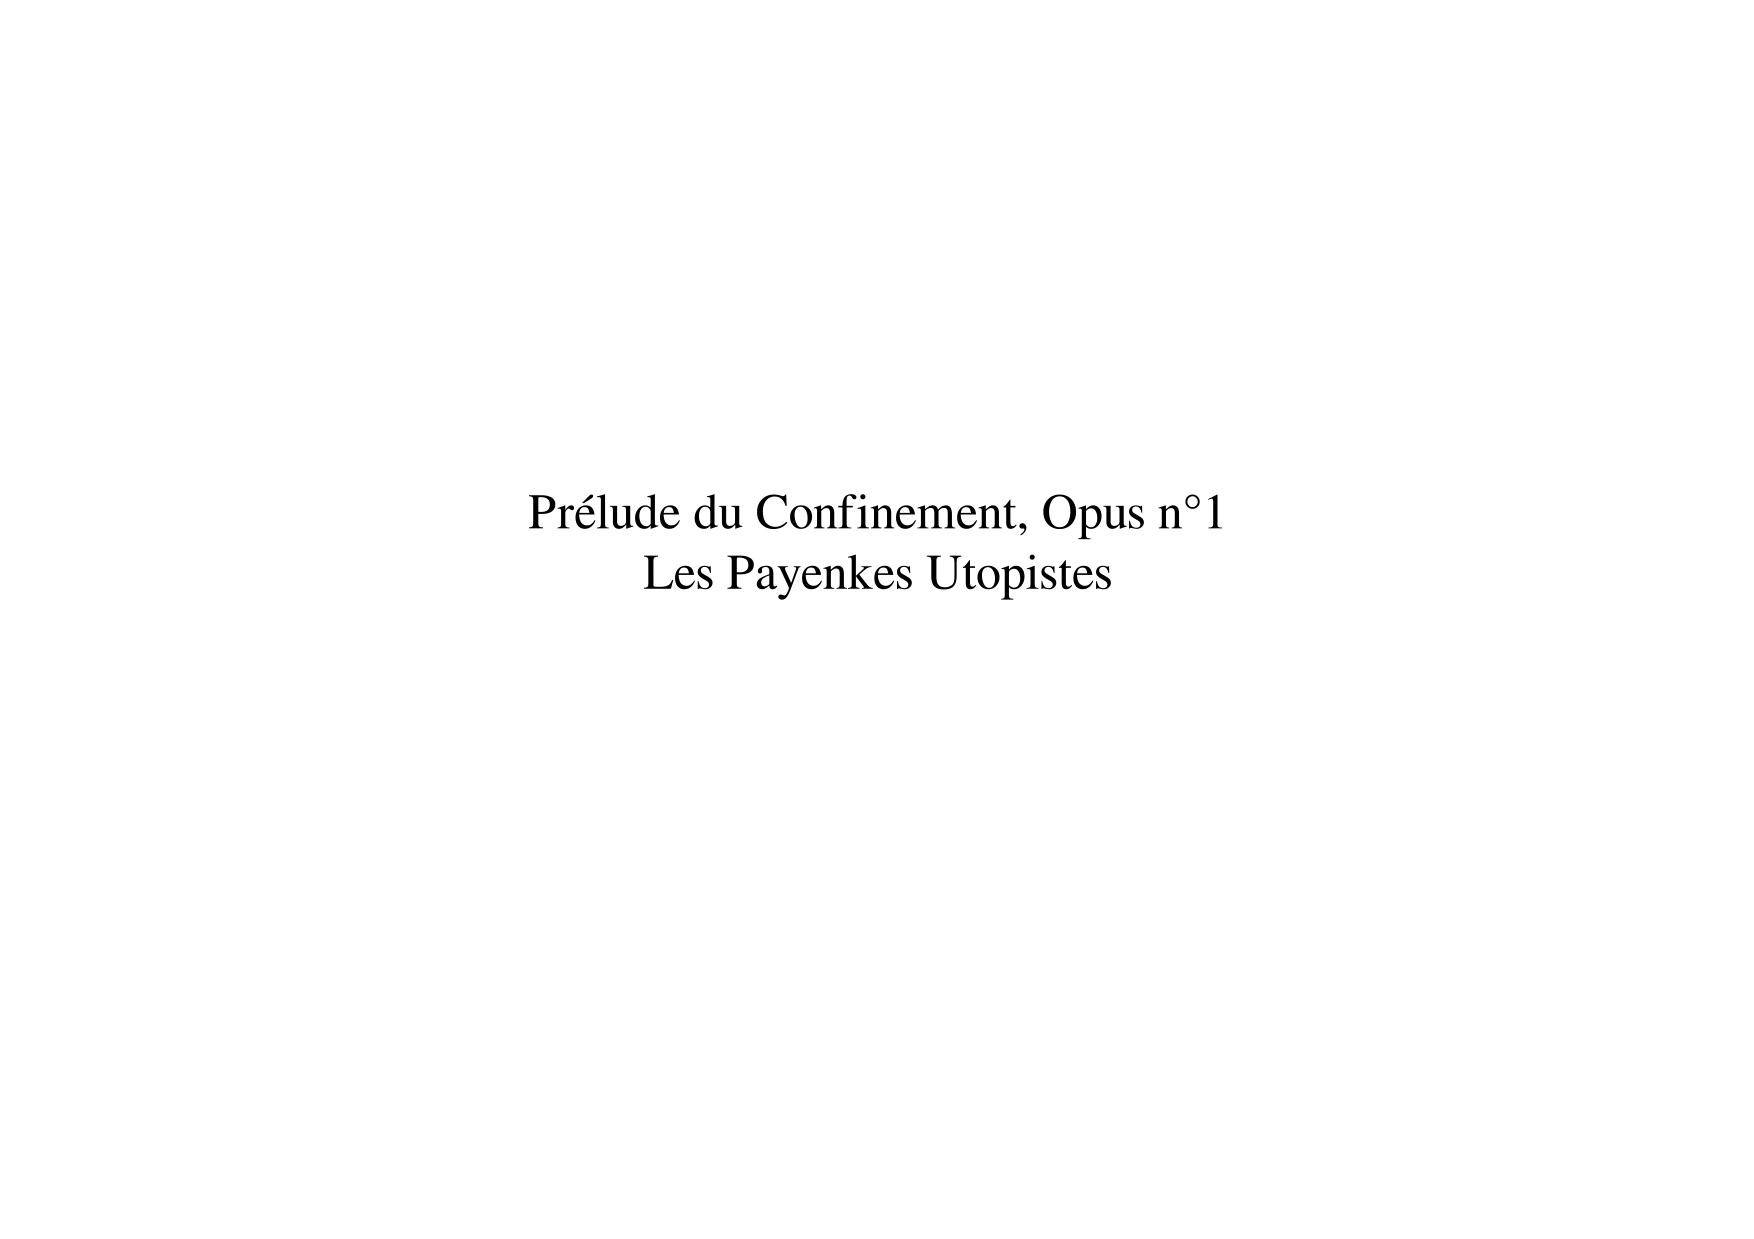 Prélude du Confinement, Opus n°1